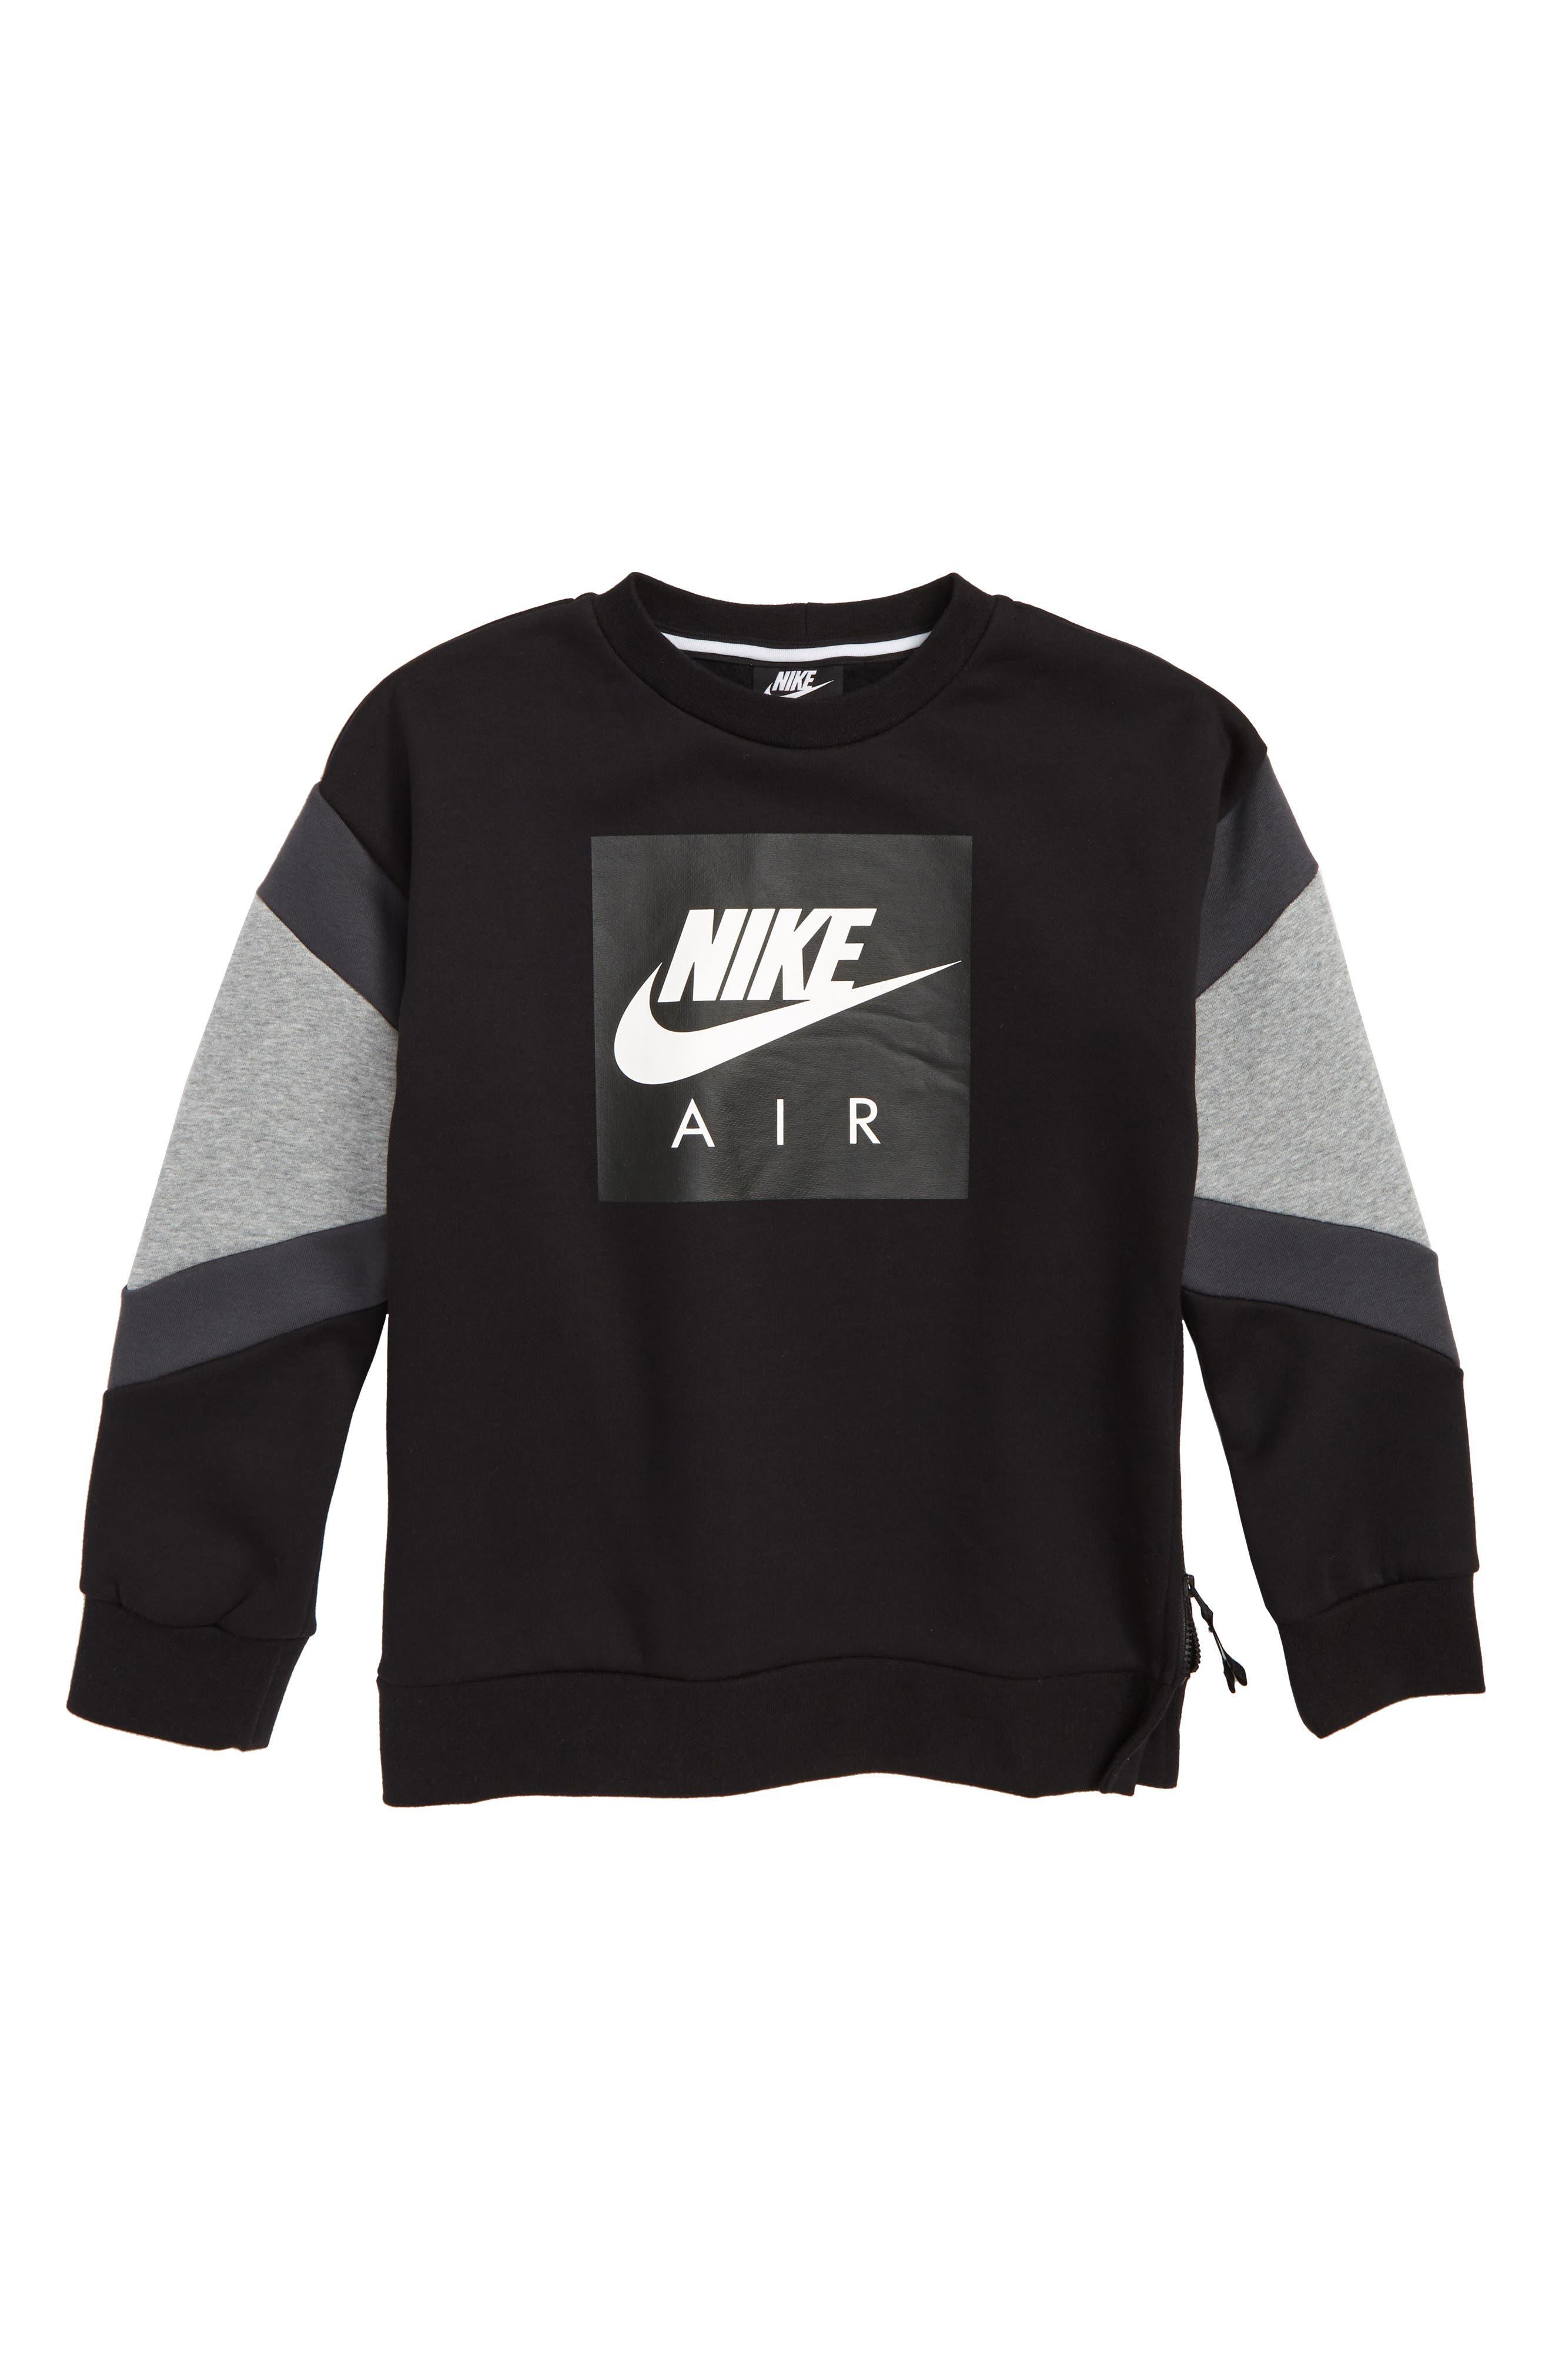 Air Sweatshirt,                         Main,                         color, BLACK/ DARK GREY HEATHER